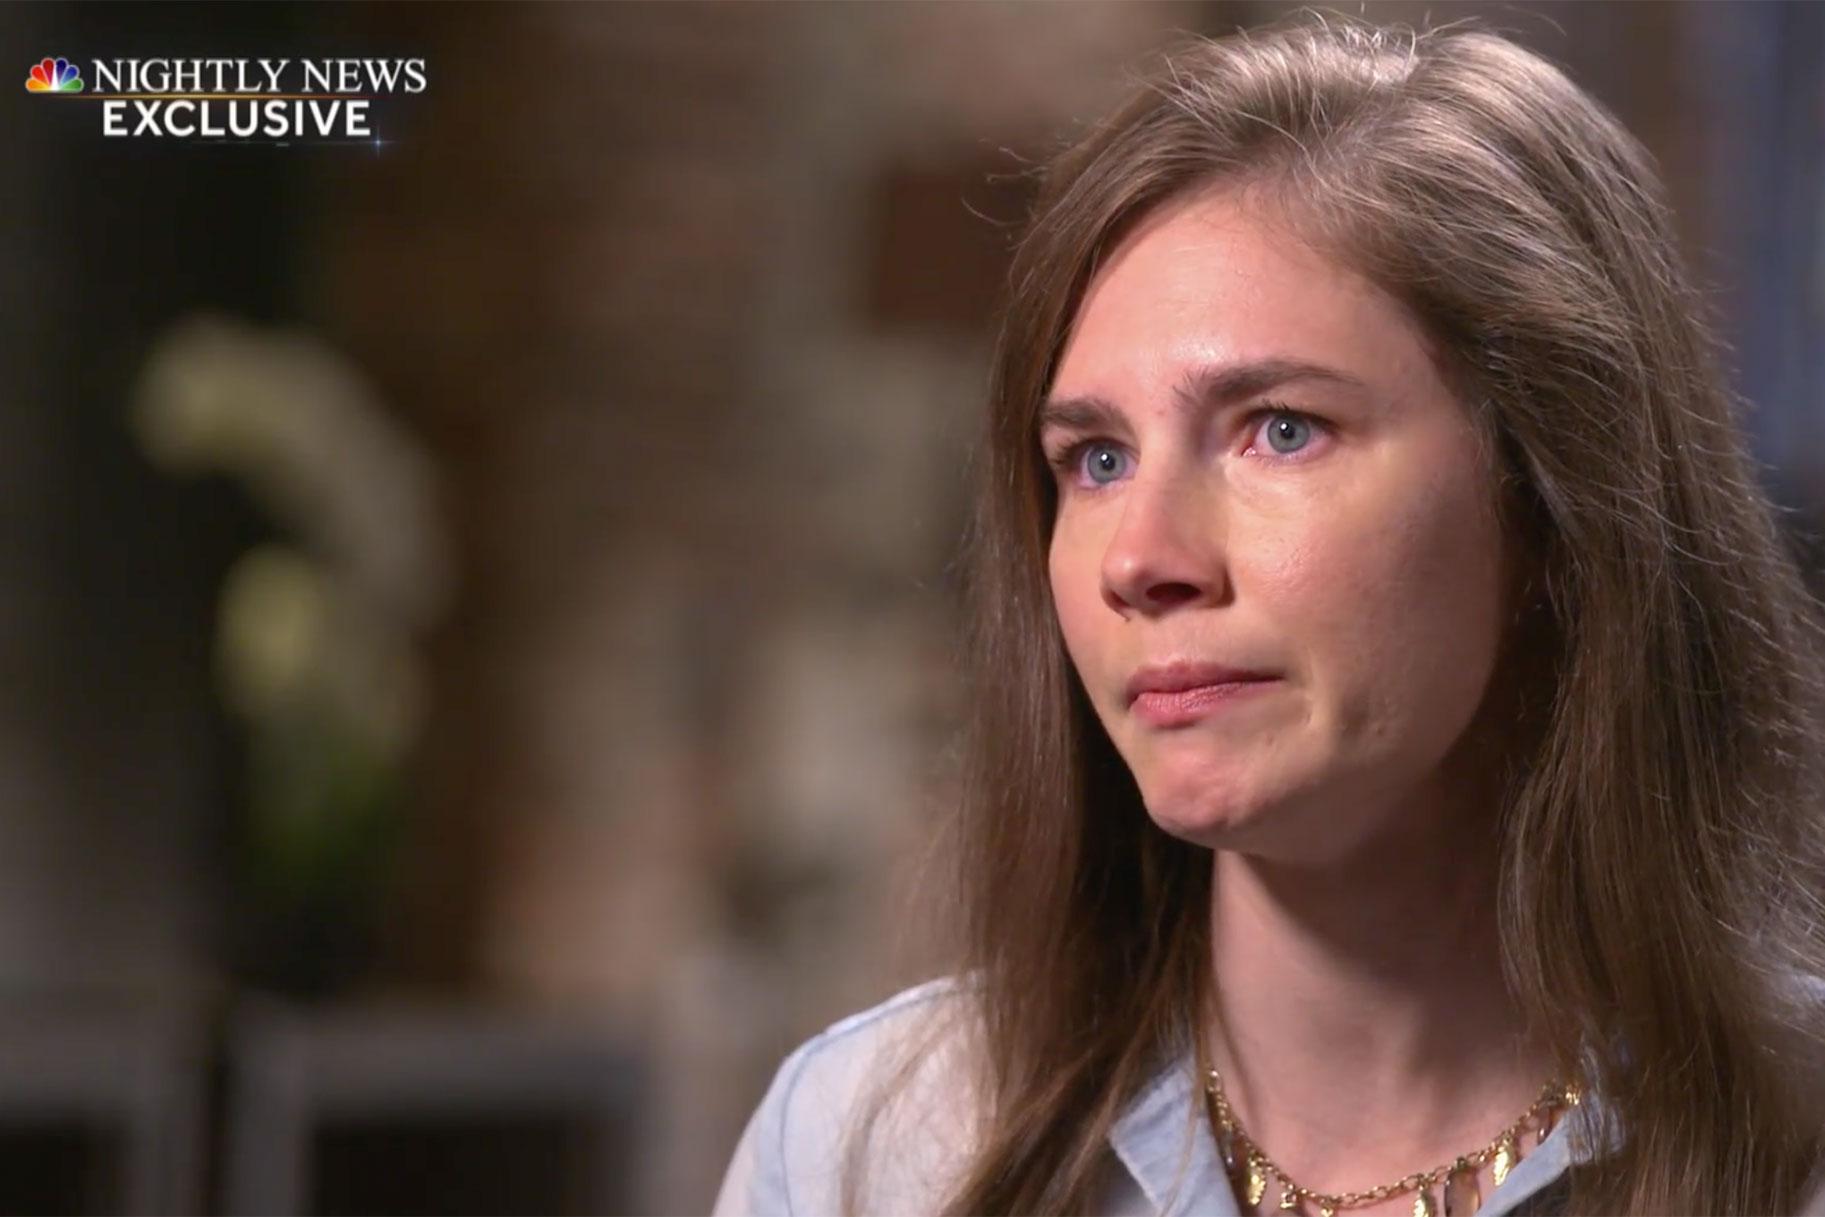 Amanda Knox Dihukum 16 Tahun Penjara